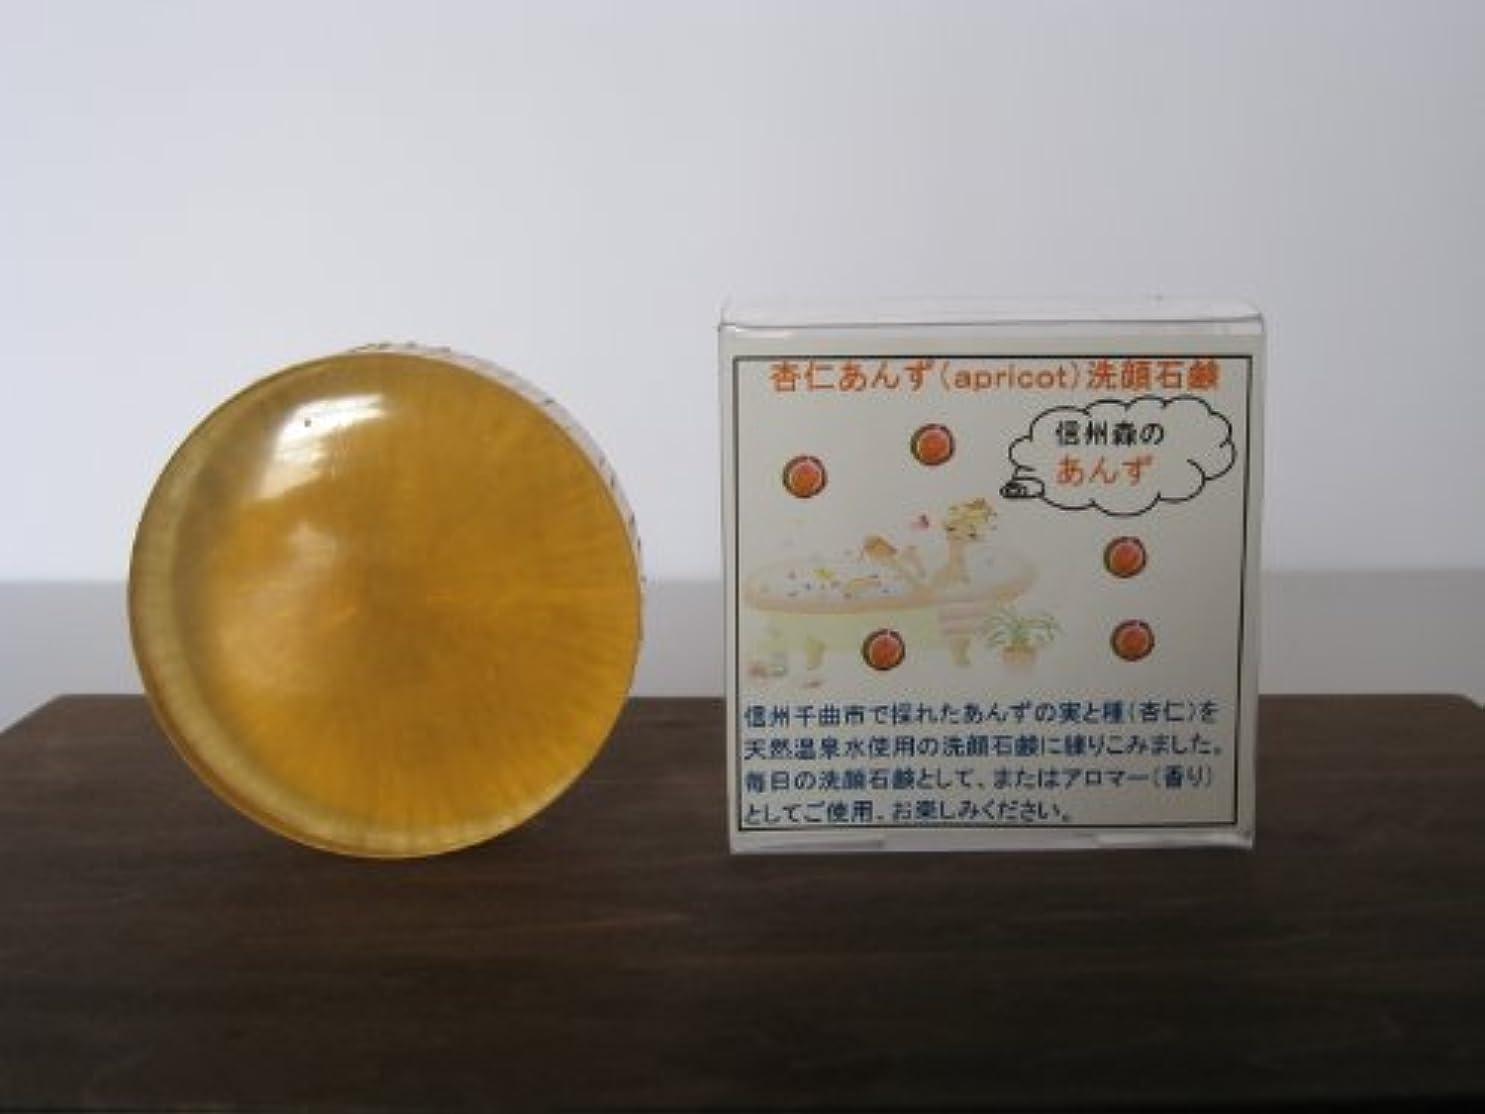 クレア威信効果的に森の杏仁あんず洗顔石鹸アプリコット